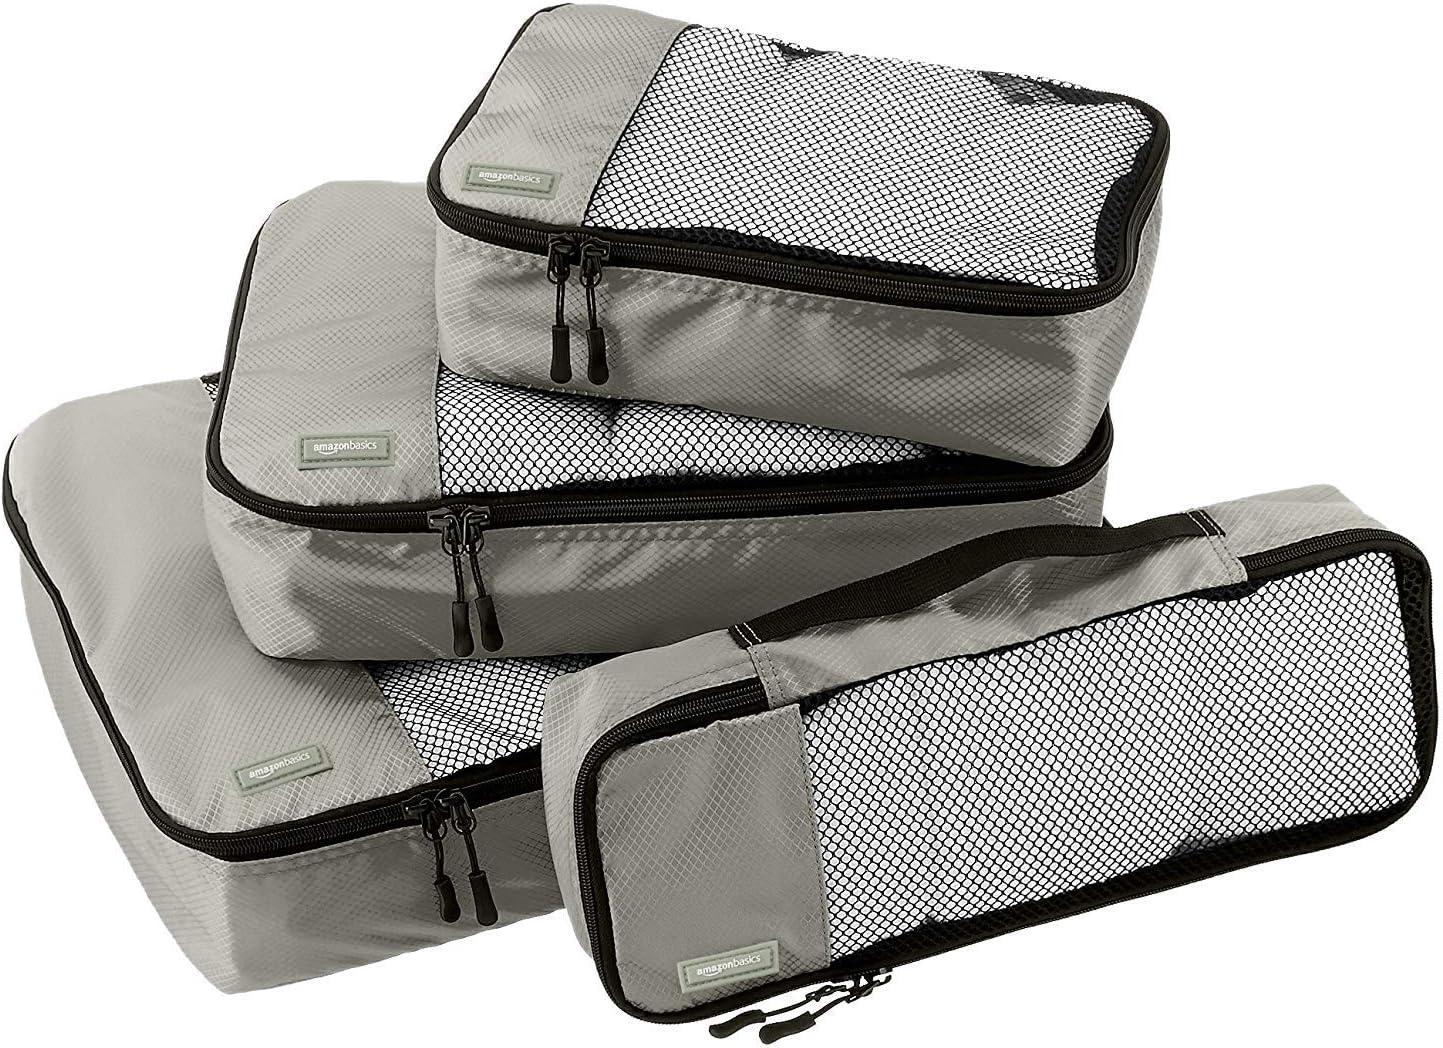 AmazonBasics - Bolsas de equipaje (pequeña, mediana, grande y alargada, 4 unidades), Gris